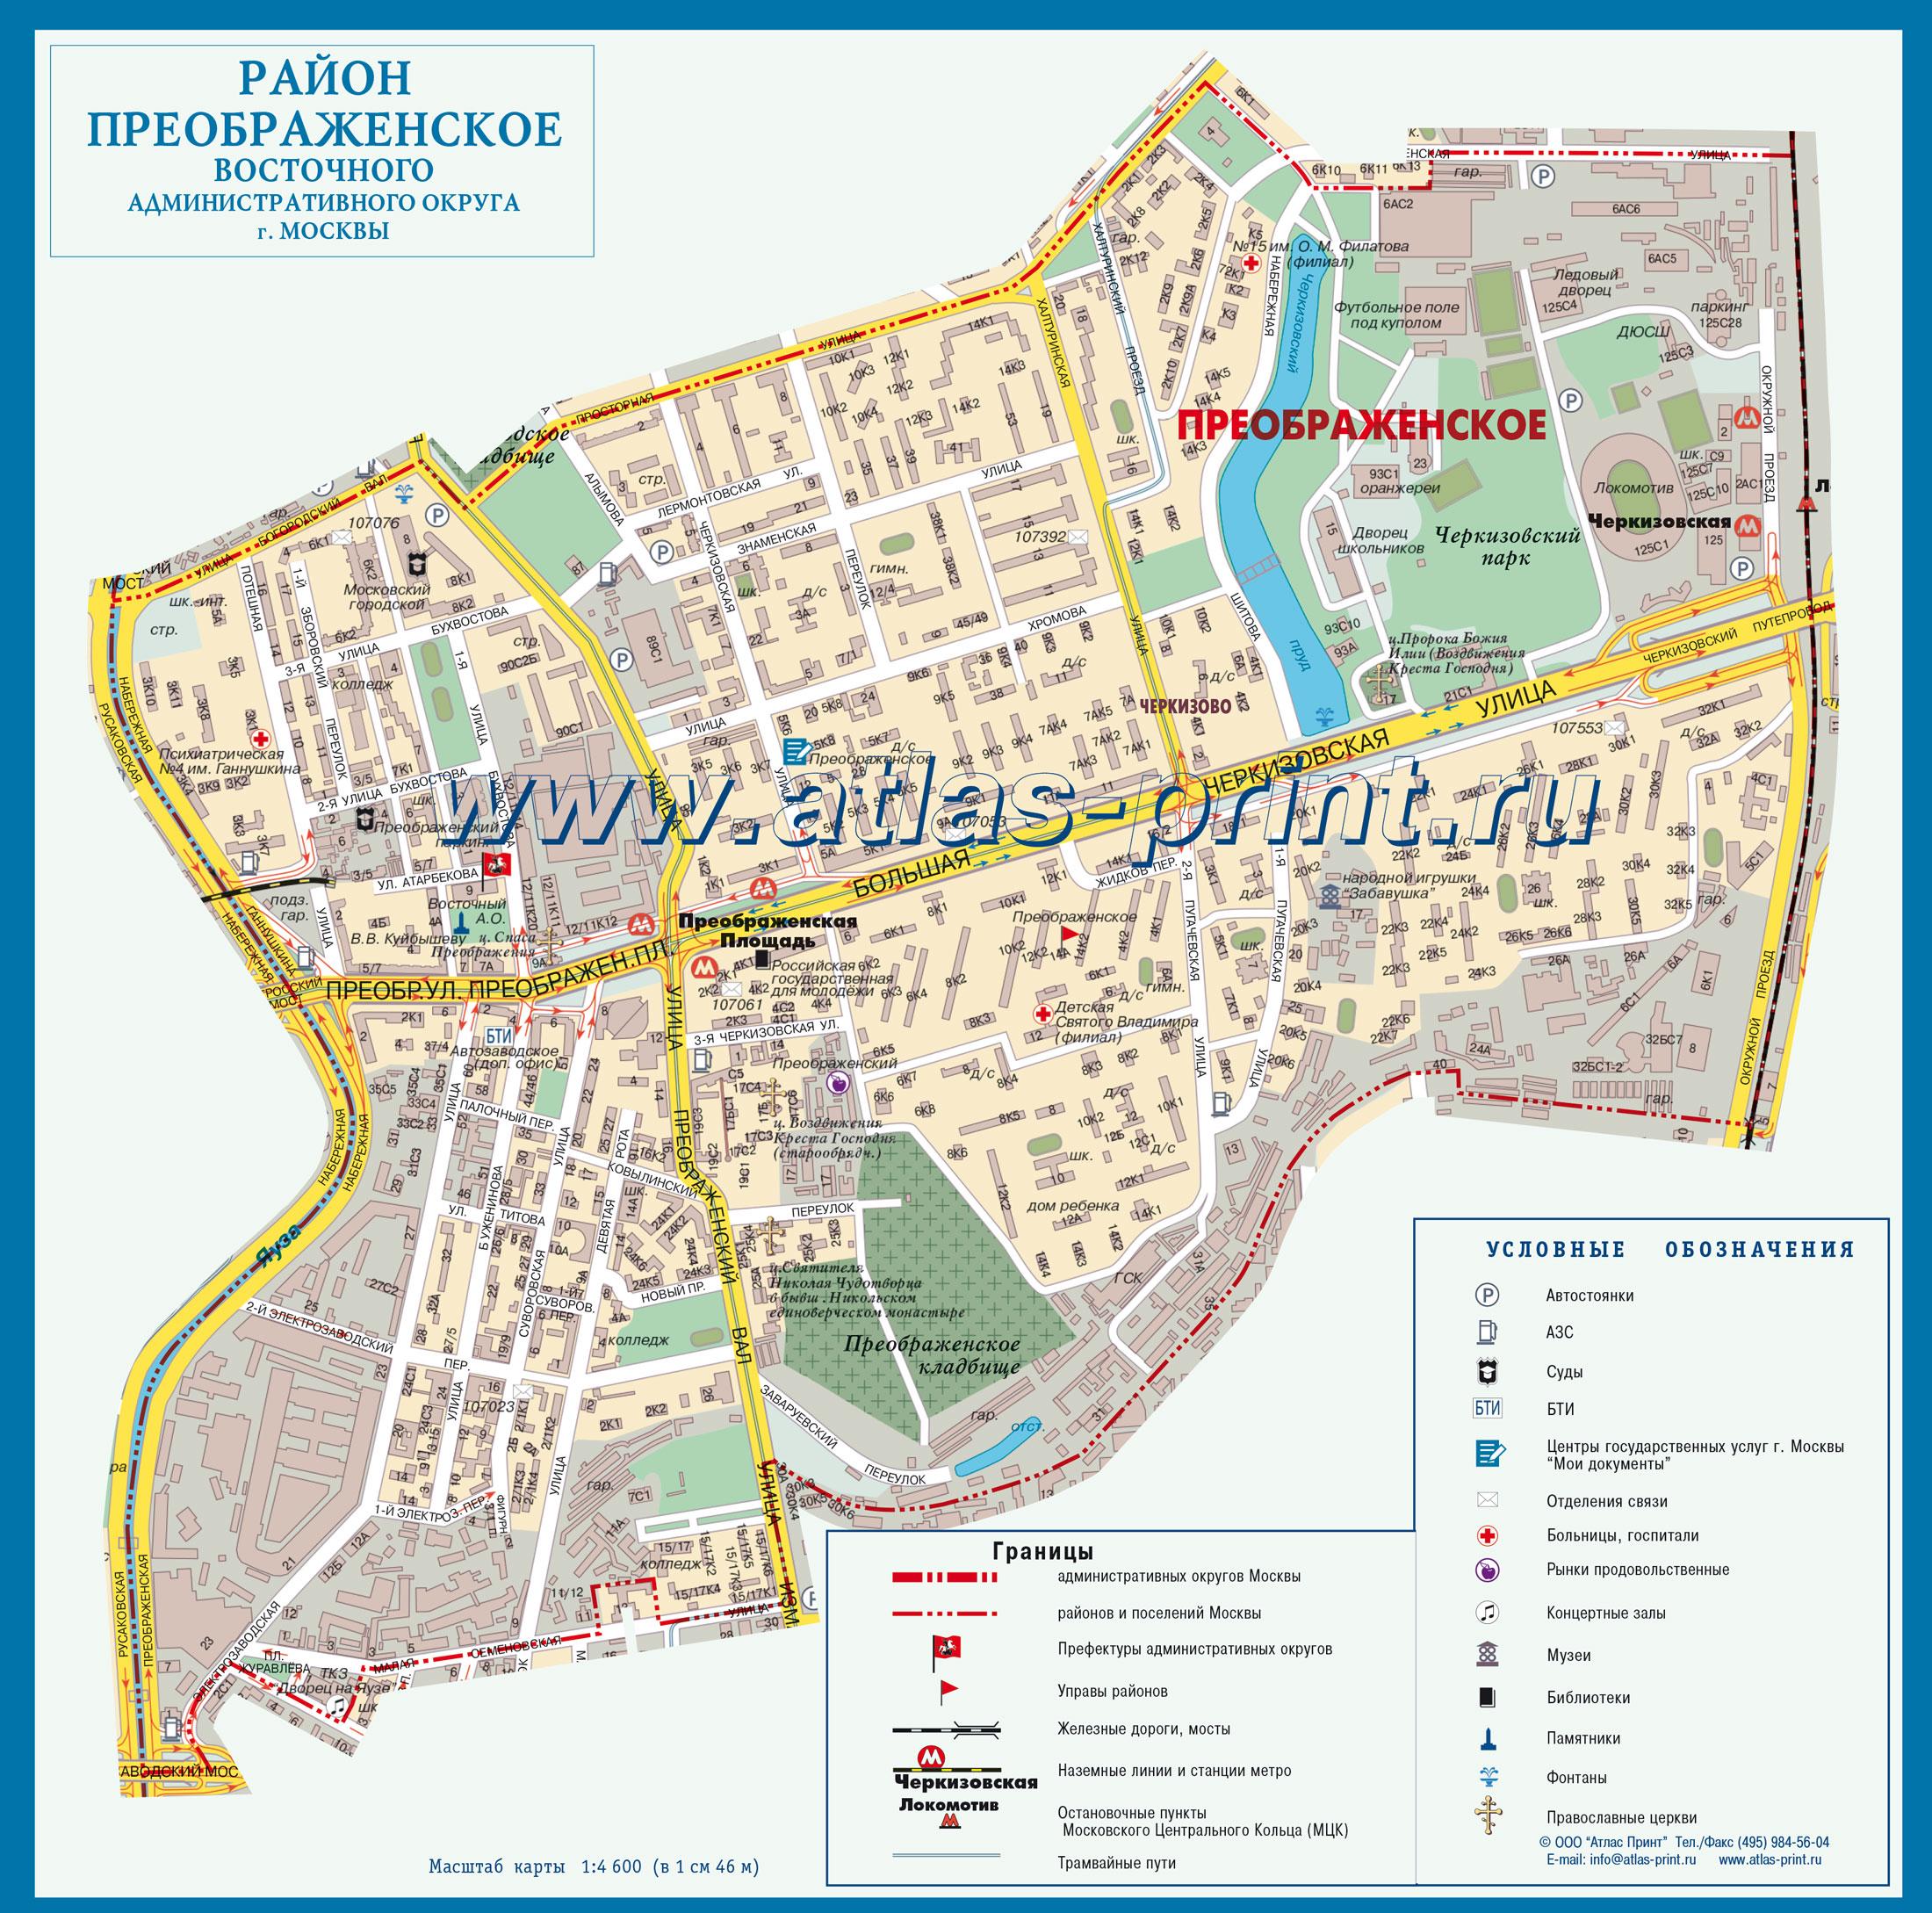 Настенная карта района ПРЕОБРАЖЕНСКОЕ (Восточный административный округ г. Москвы) 1,00*1,00м, ламинированная